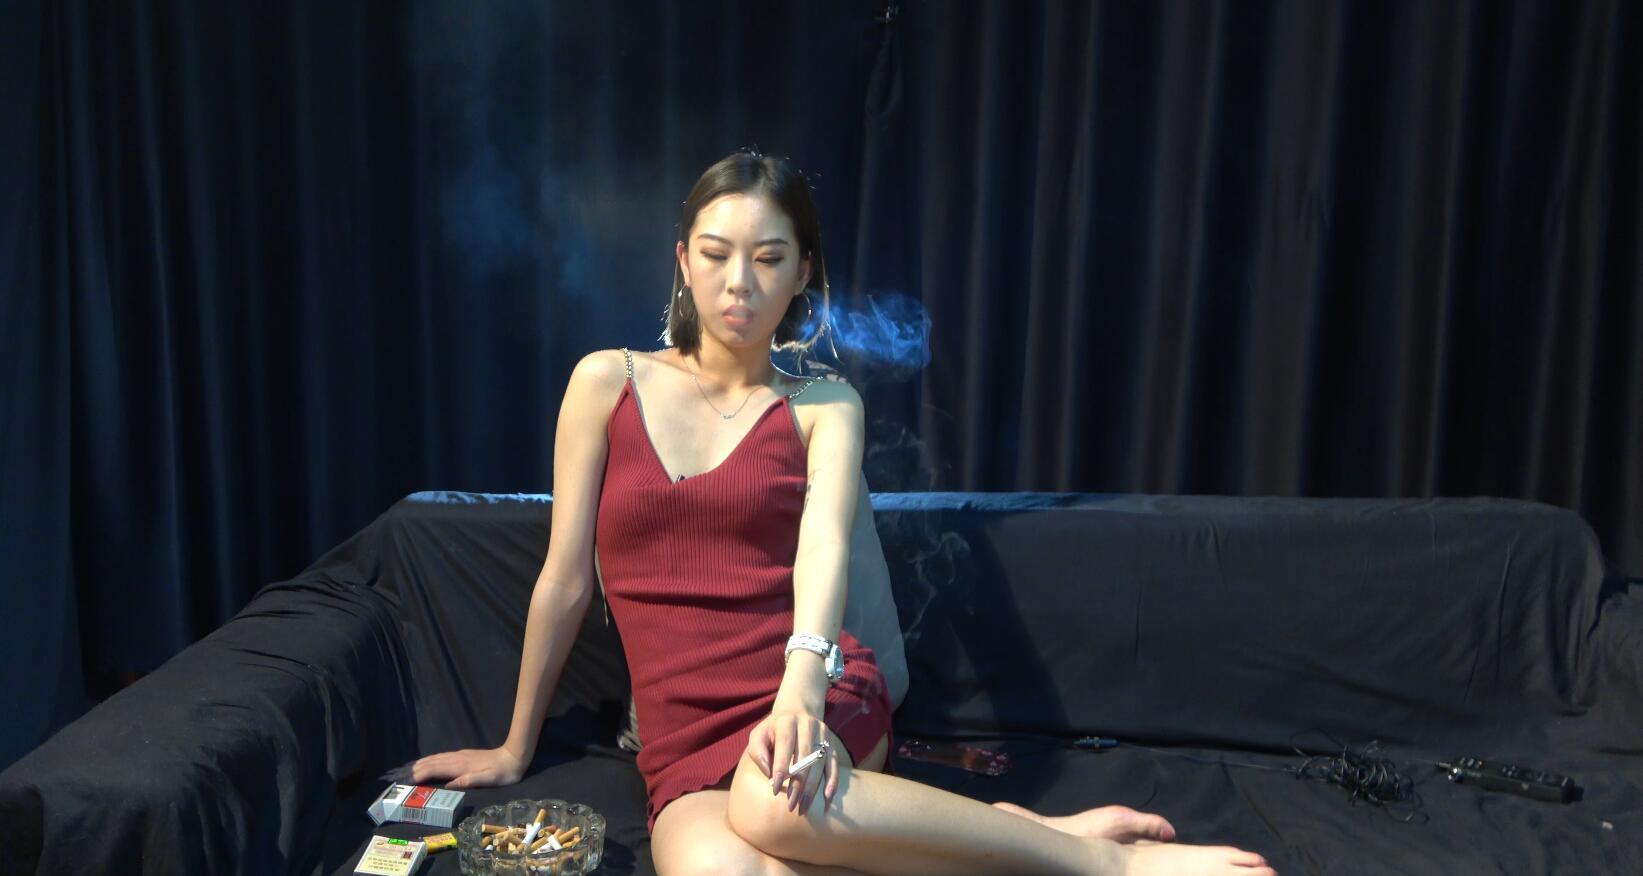 漂亮可爱的短发小姐姐吸烟